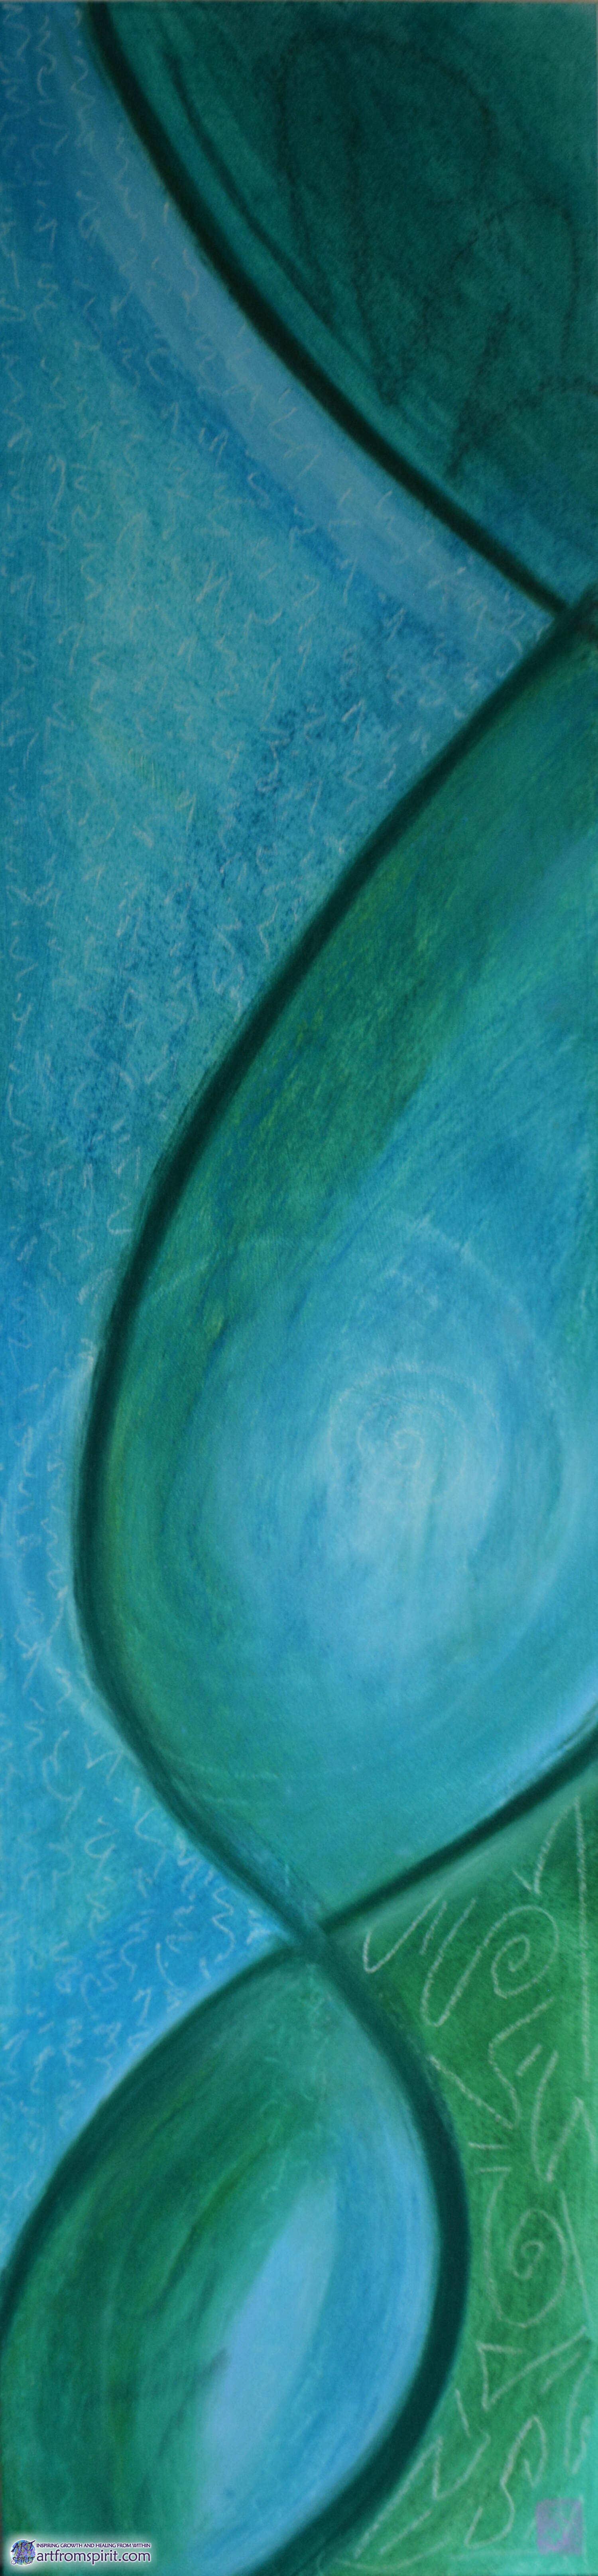 flow-intuitive-spiritual-art-art-from-spirit-tegan-neville.jpg